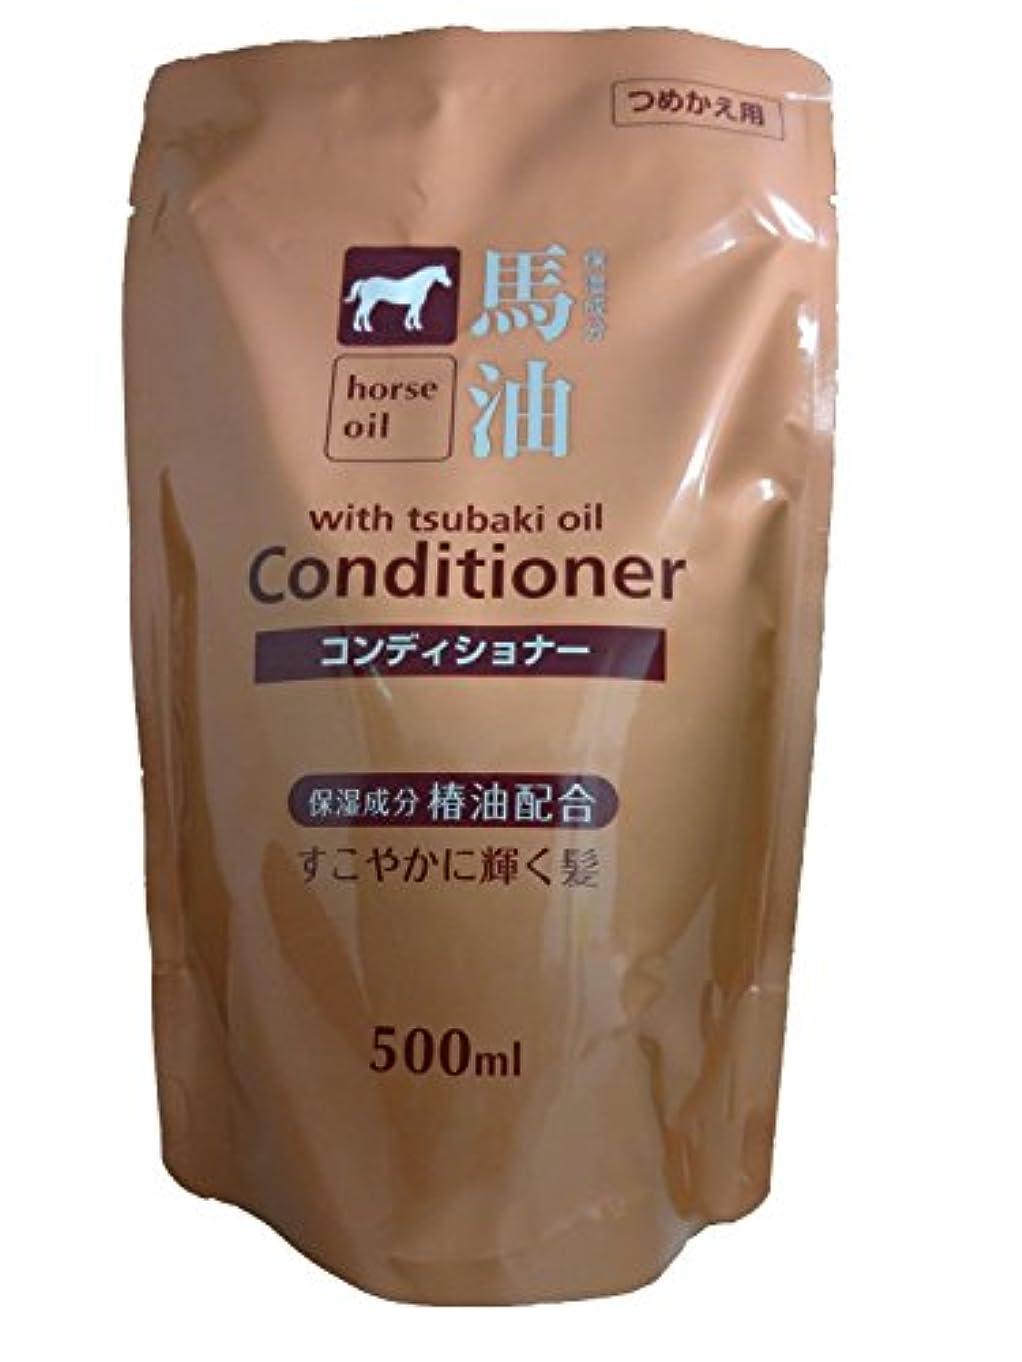 禁止バター減らす熊野油脂 馬油コンディショナー 詰め替え用 500ml